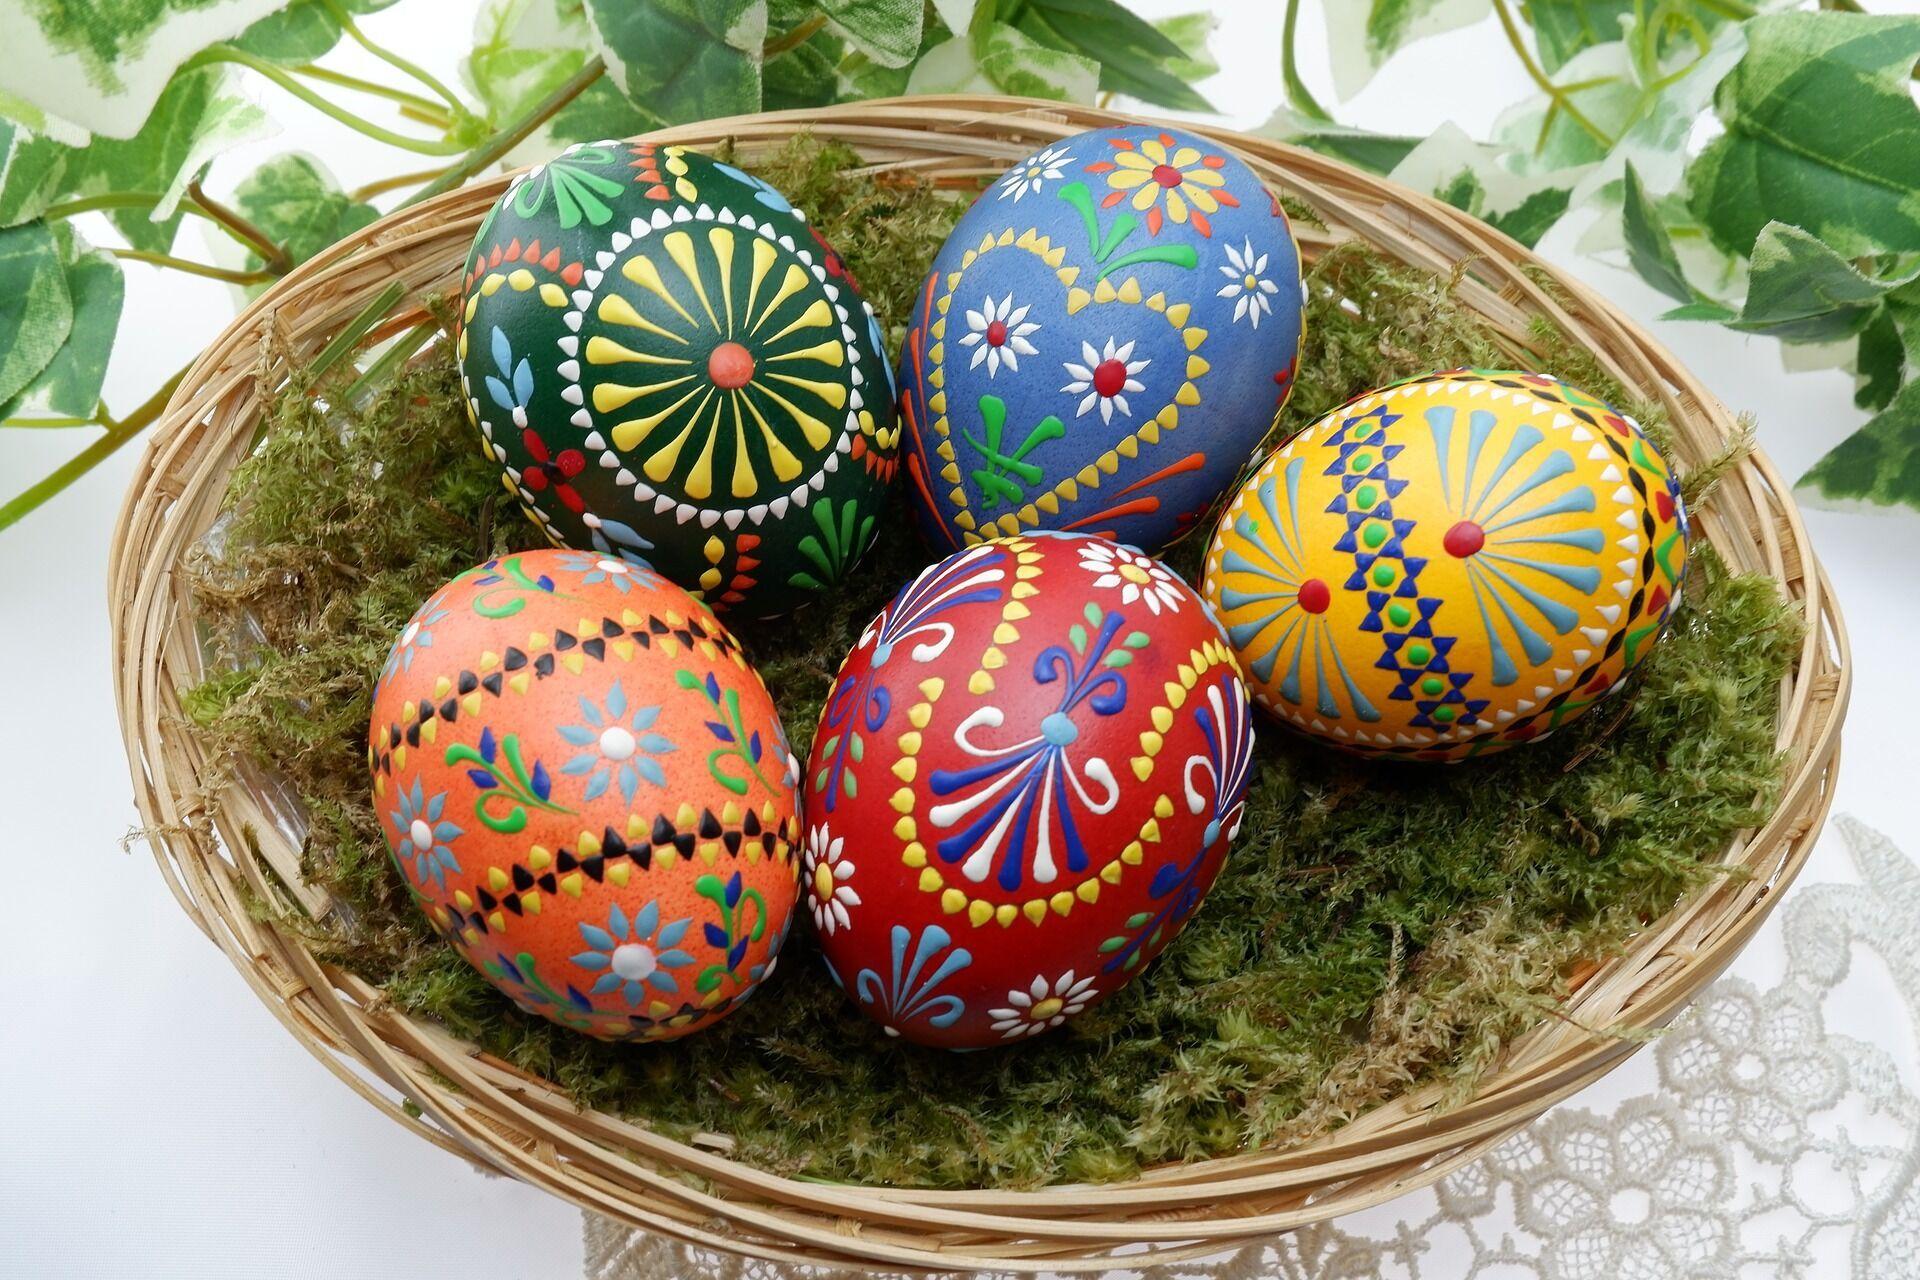 Пасхальные яйца символизируют Гроб Господень, в котором скрыта вечная жизнь